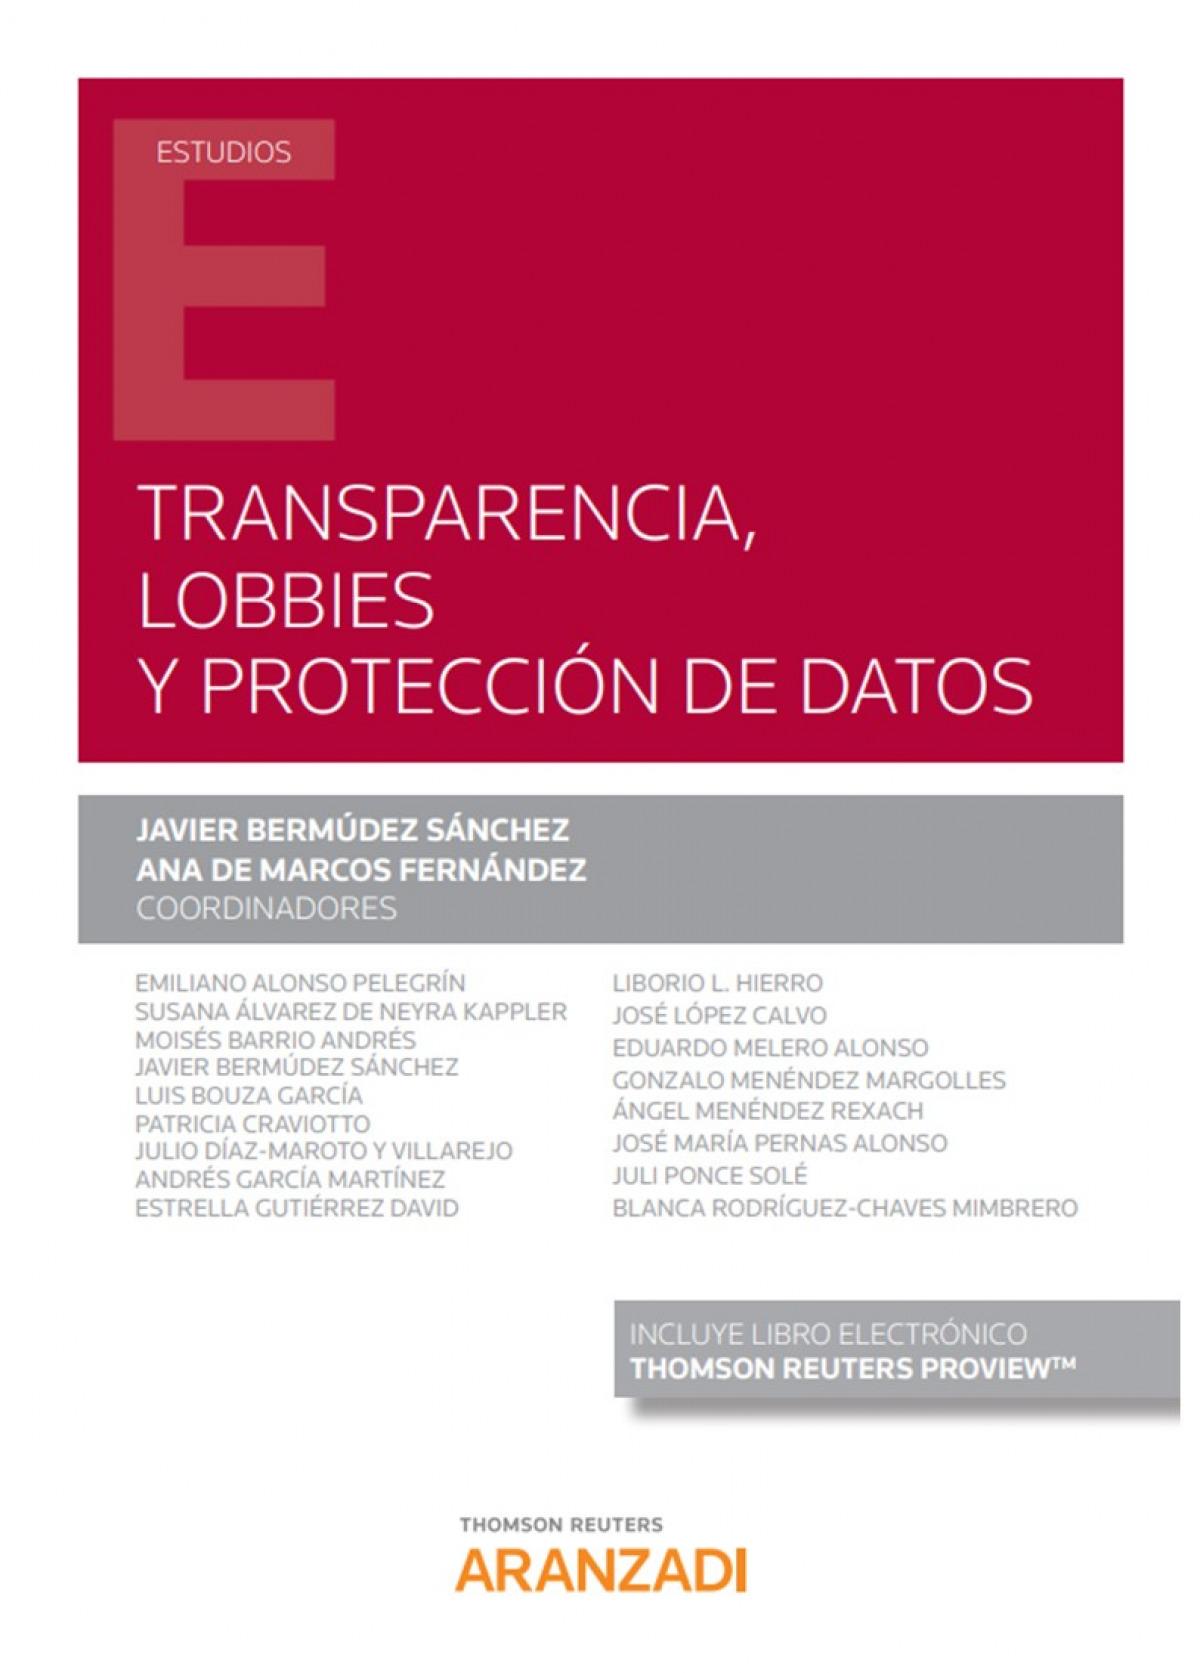 Transparencia, lobbies y protección de datos 9788413453149